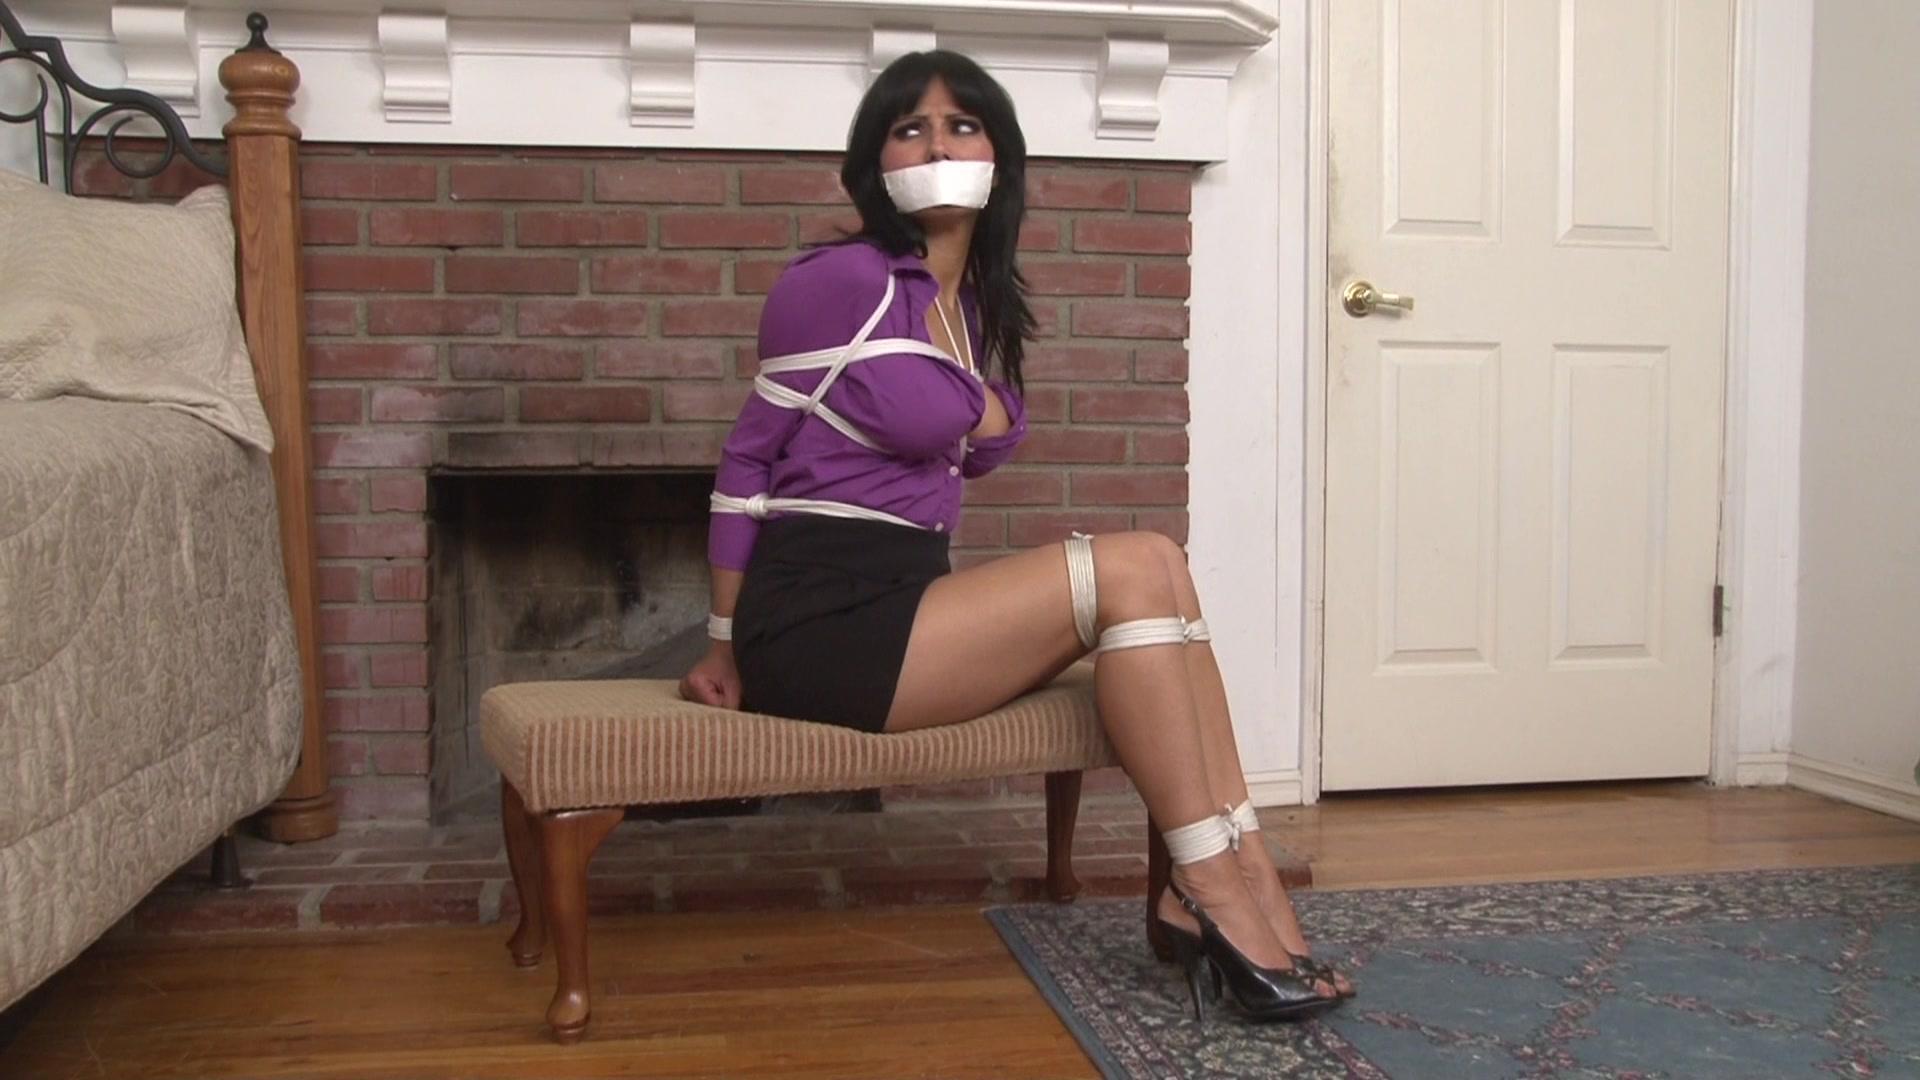 Lesbian domination, latex secretary rope bondage